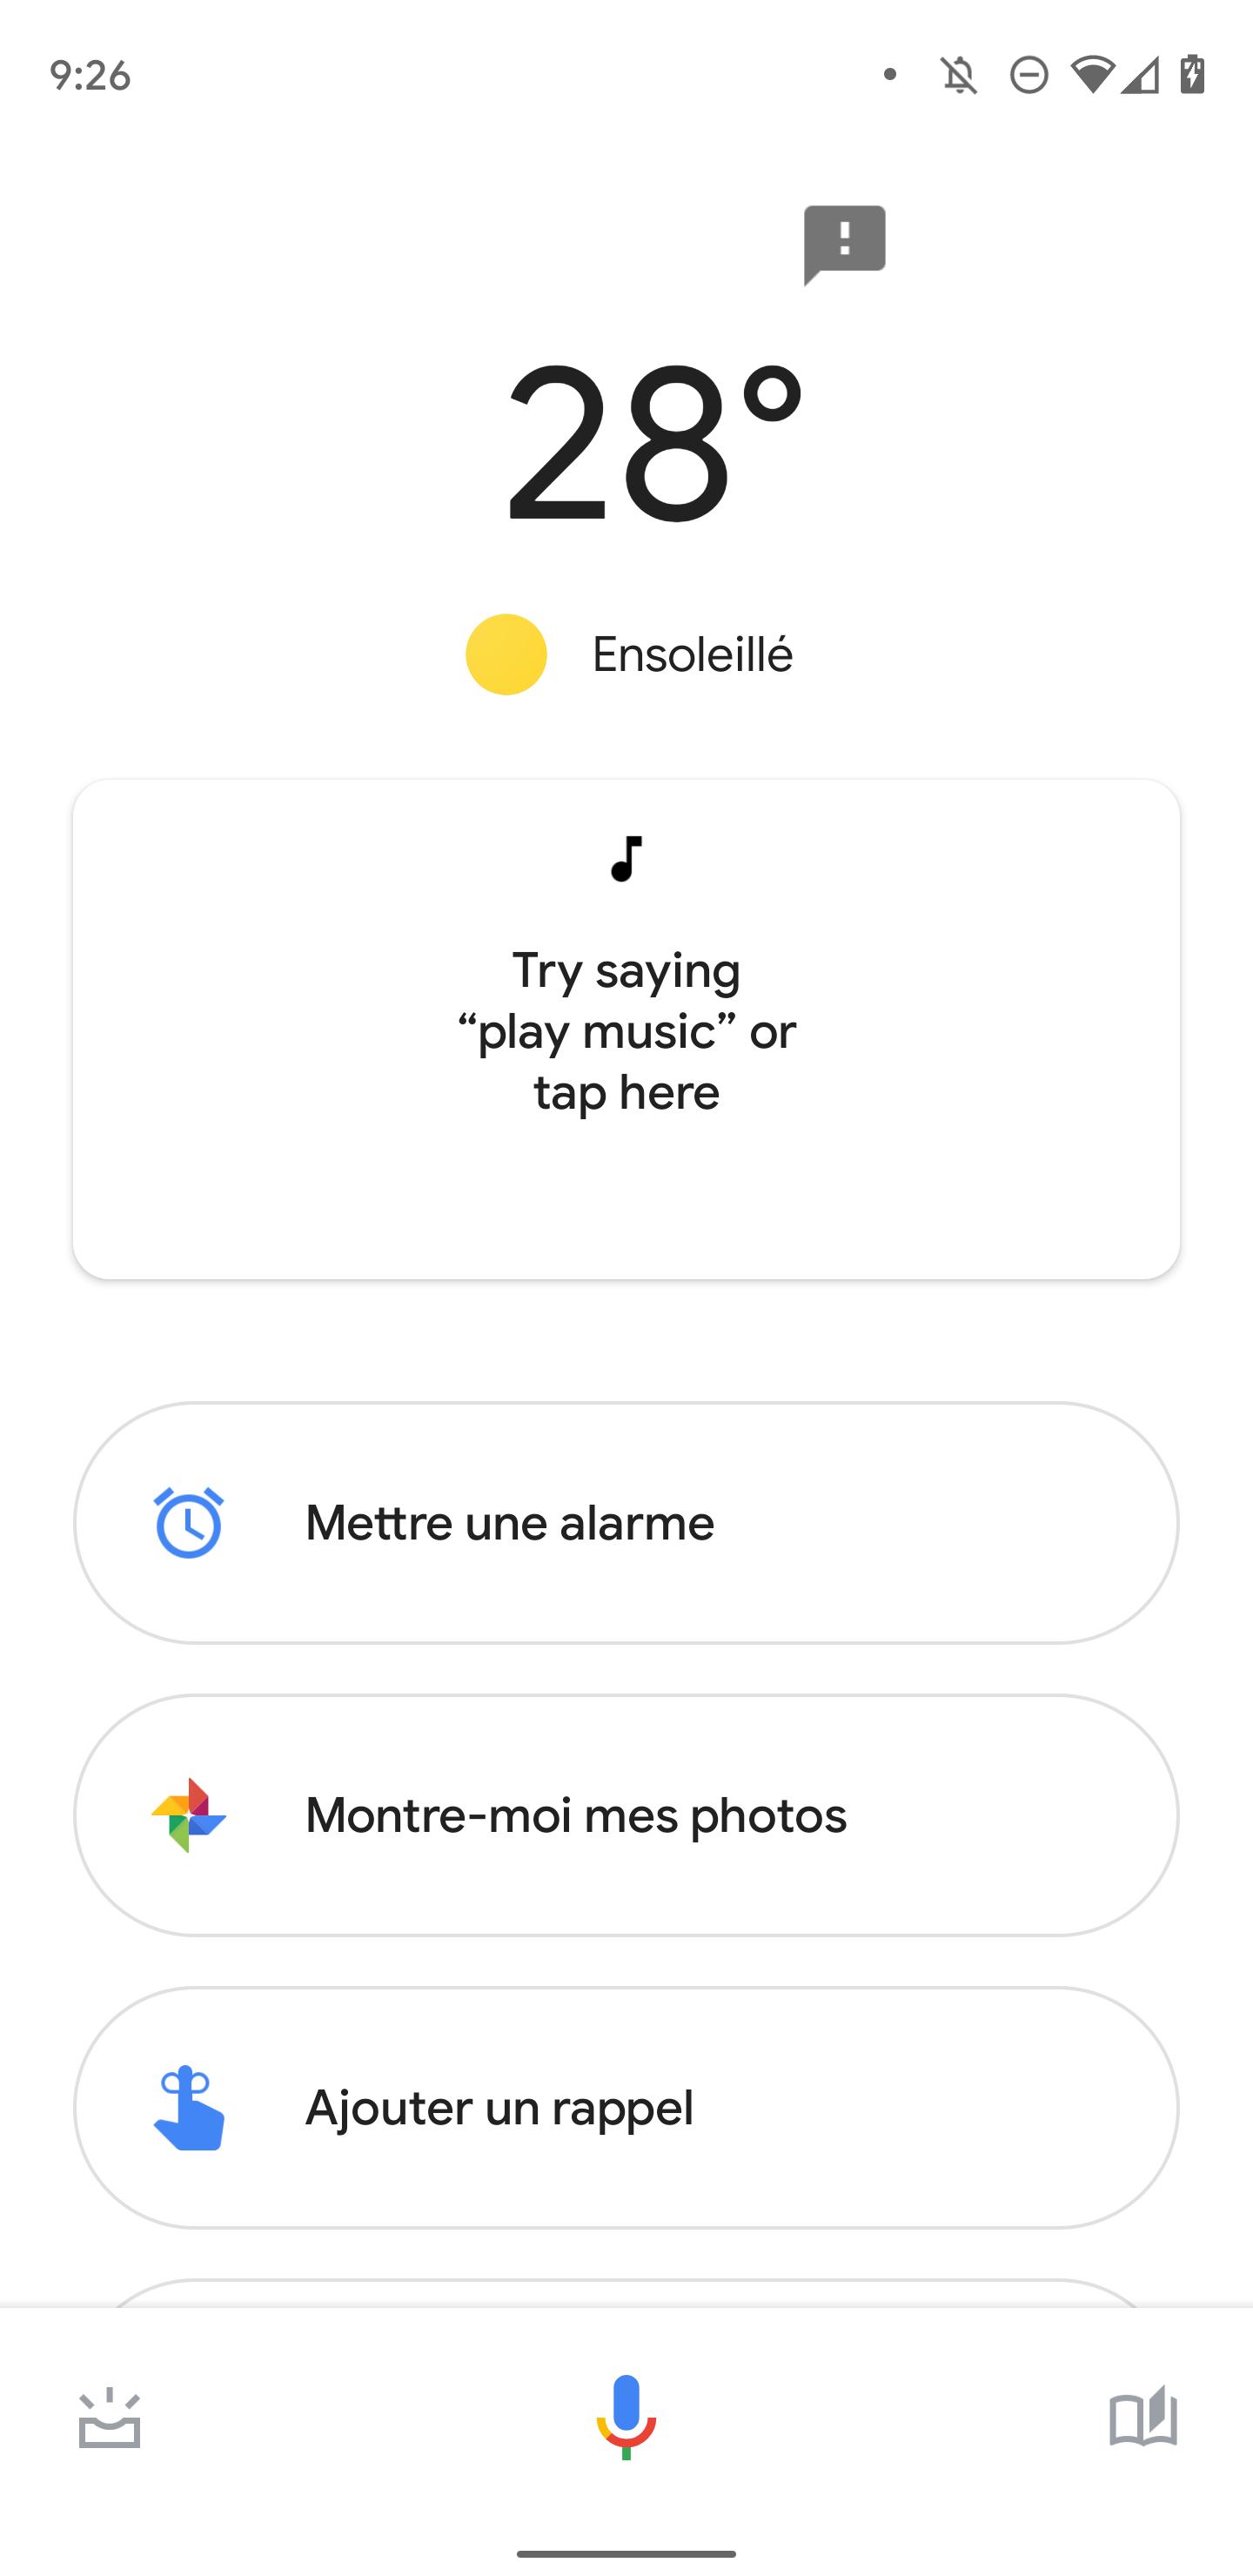 Google app 10 33 hints at 'Read it' article TTS